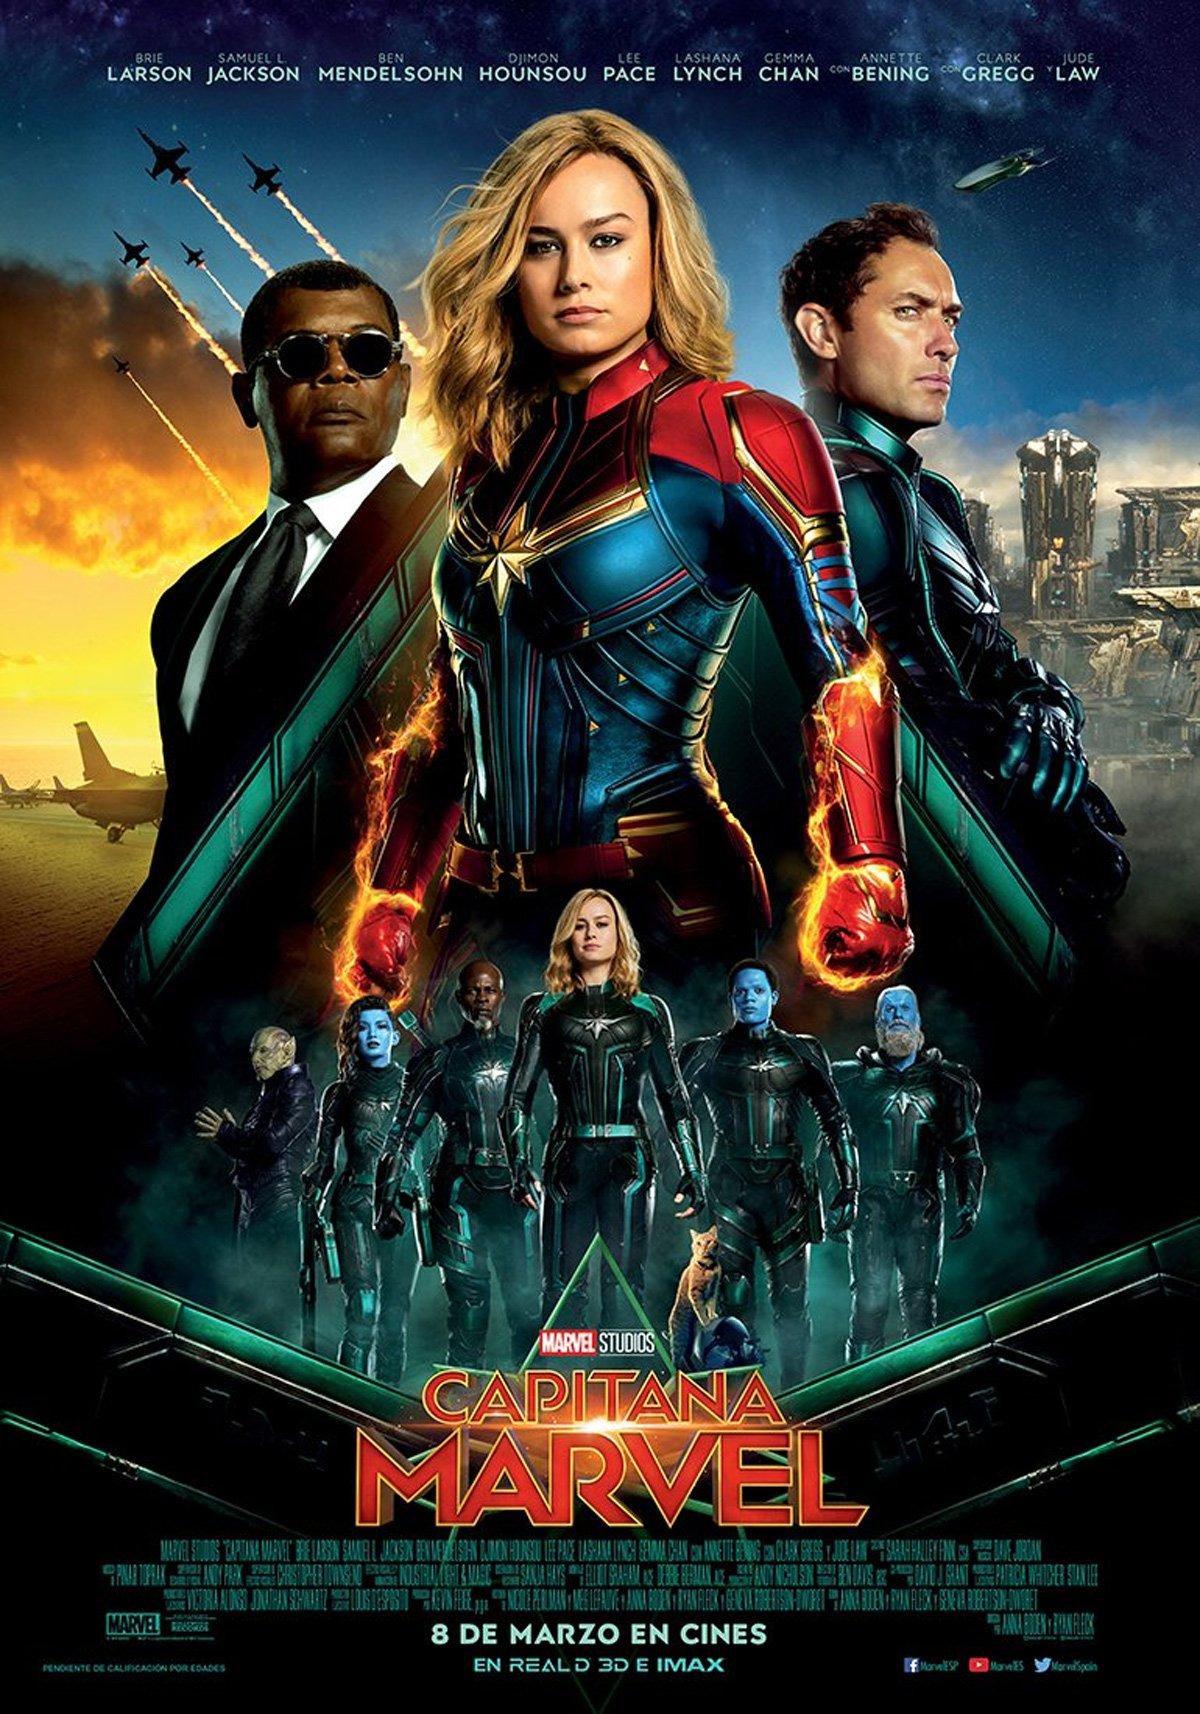 Capitana Marvel - Película 2019 - SensaCine.com